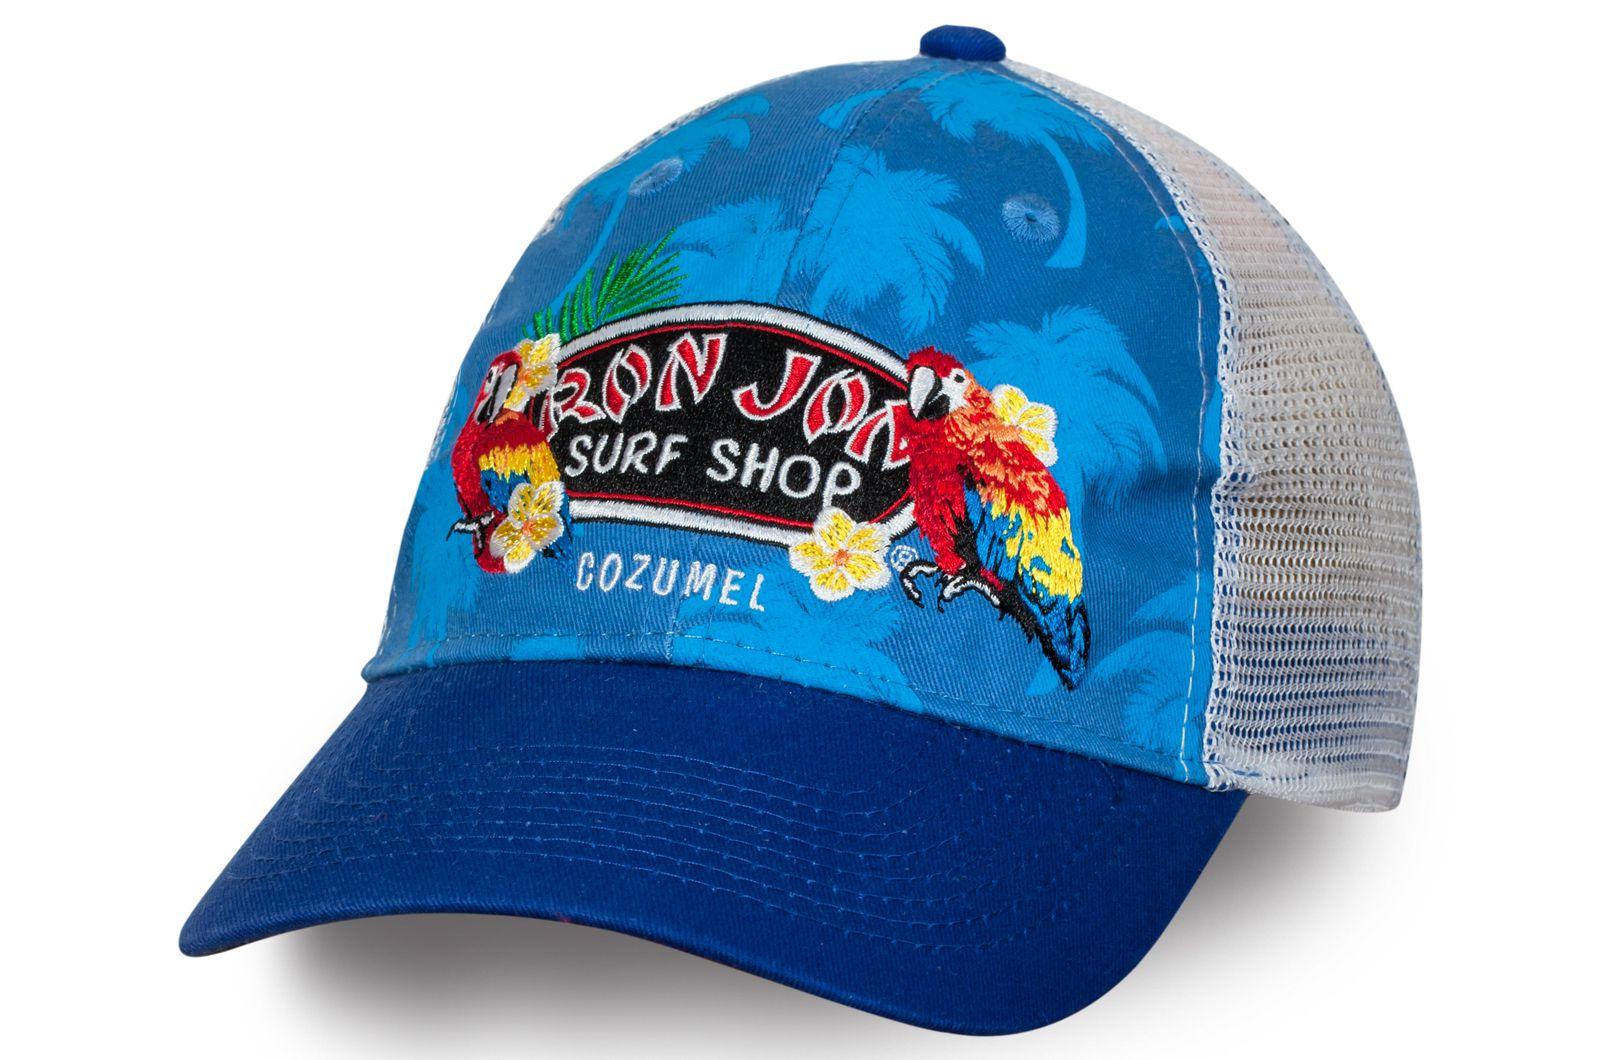 Бейсболка серфингиста Ron Jon | Купить бейсболку с вышивкой